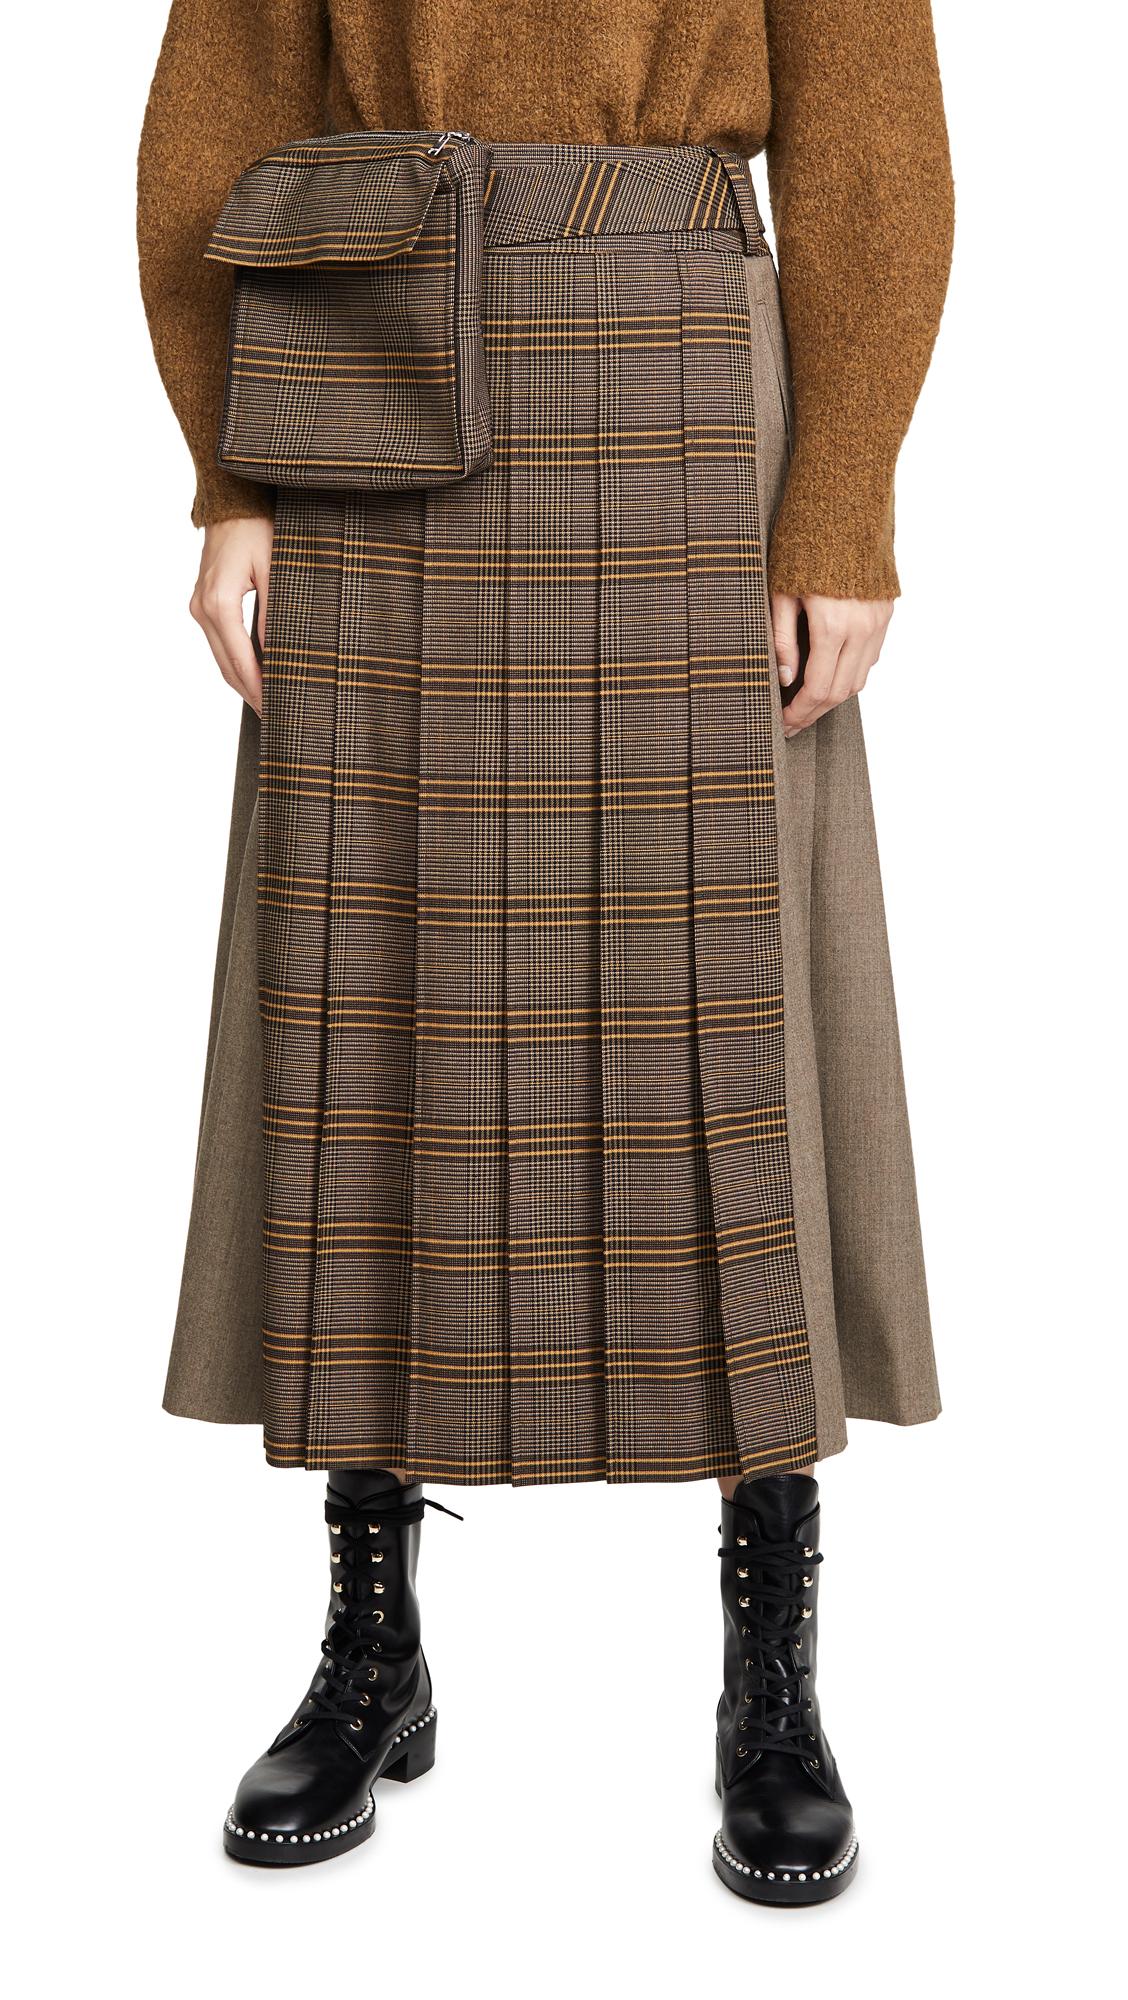 Adeam Workwear Pleated Skirt - Turmeric